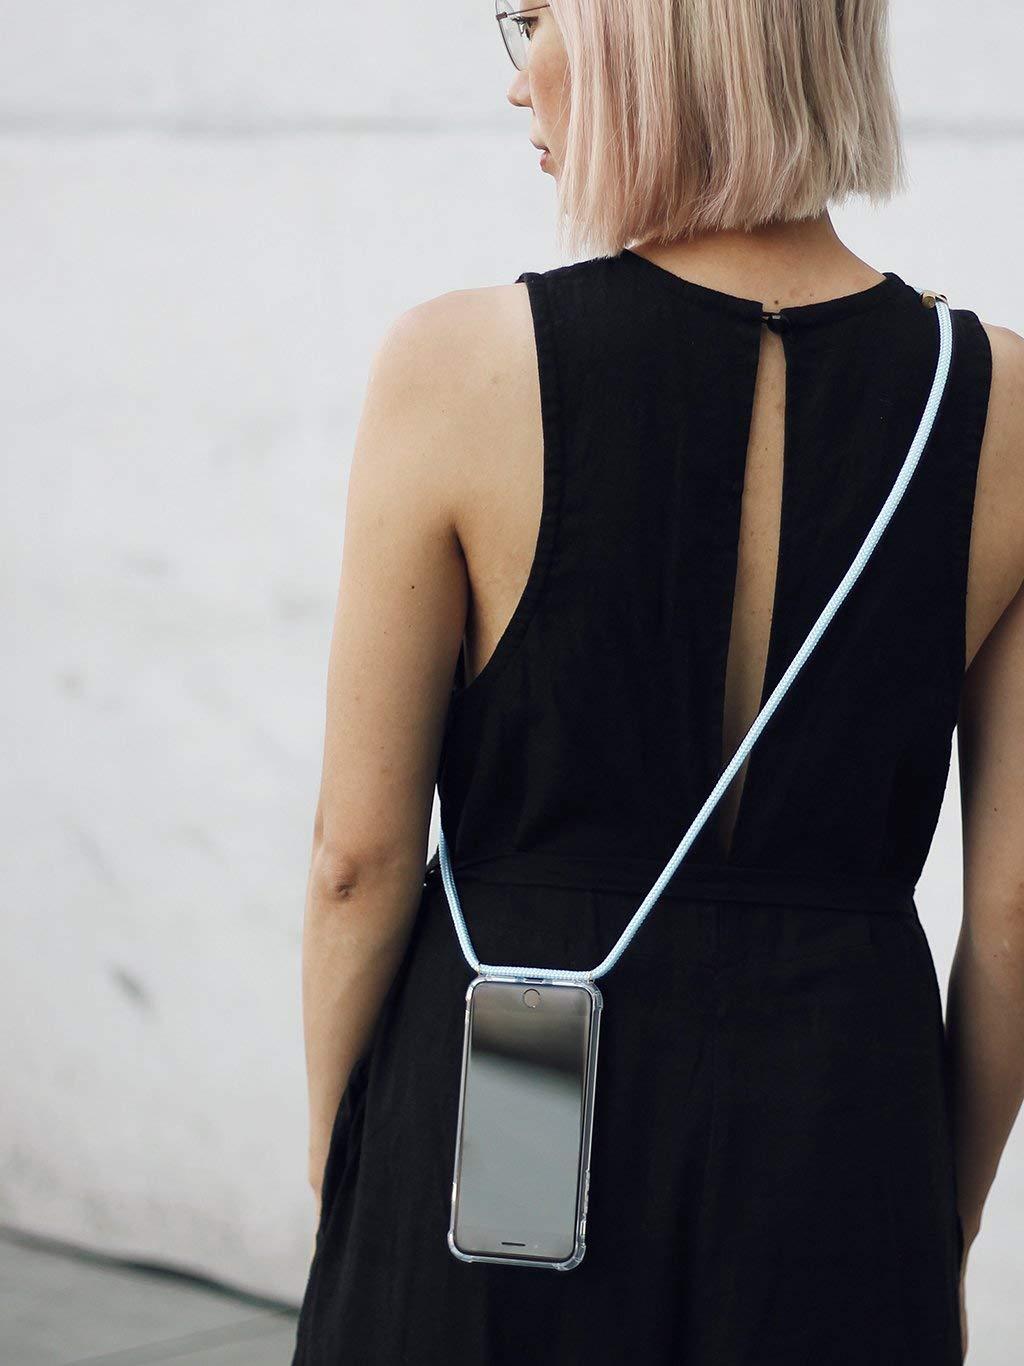 //étui avec Sangle pour Tenir Autour de Votre Cou Cordon de Suspension Coque Lanyard Sangle Cha/îne Knok Coque Collier Tour de Cou Coque Mobile iPhone//Samsung/